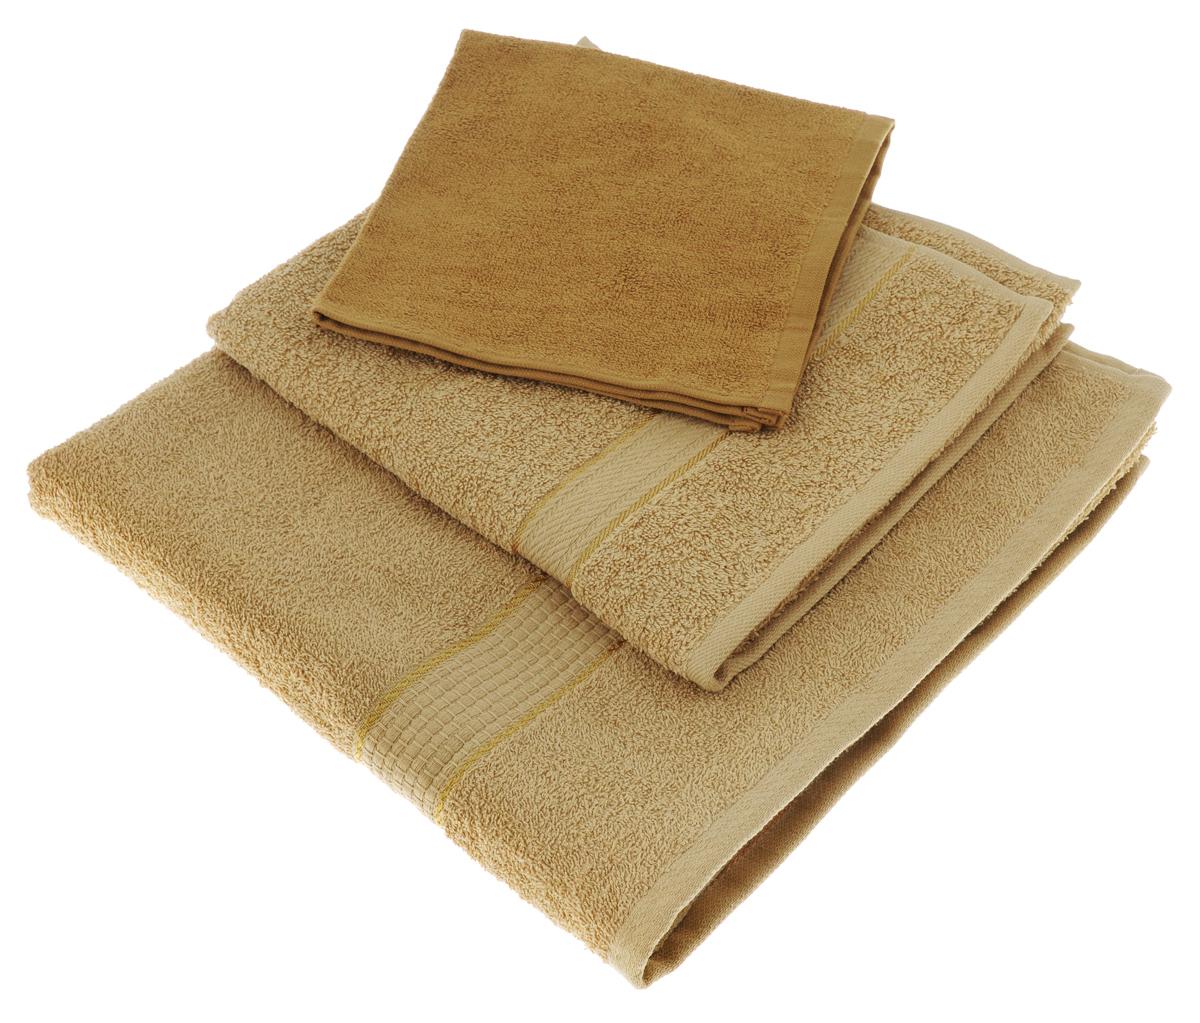 Набор махровых полотенец Osborn Textile, цвет: светло-коричневый, 3 штУзТ-КМП-08-20Набор Osborn Textile состоит из трех полотенец разного размера, выполненных из натурального 100% хлопка. Такие полотенца отлично впитывают влагу, быстро сохнут, сохраняют яркость цвета и не теряют формы даже после многократных стирок. Полотенца очень практичны и неприхотливы в уходе. Комплектация: 3 шт.